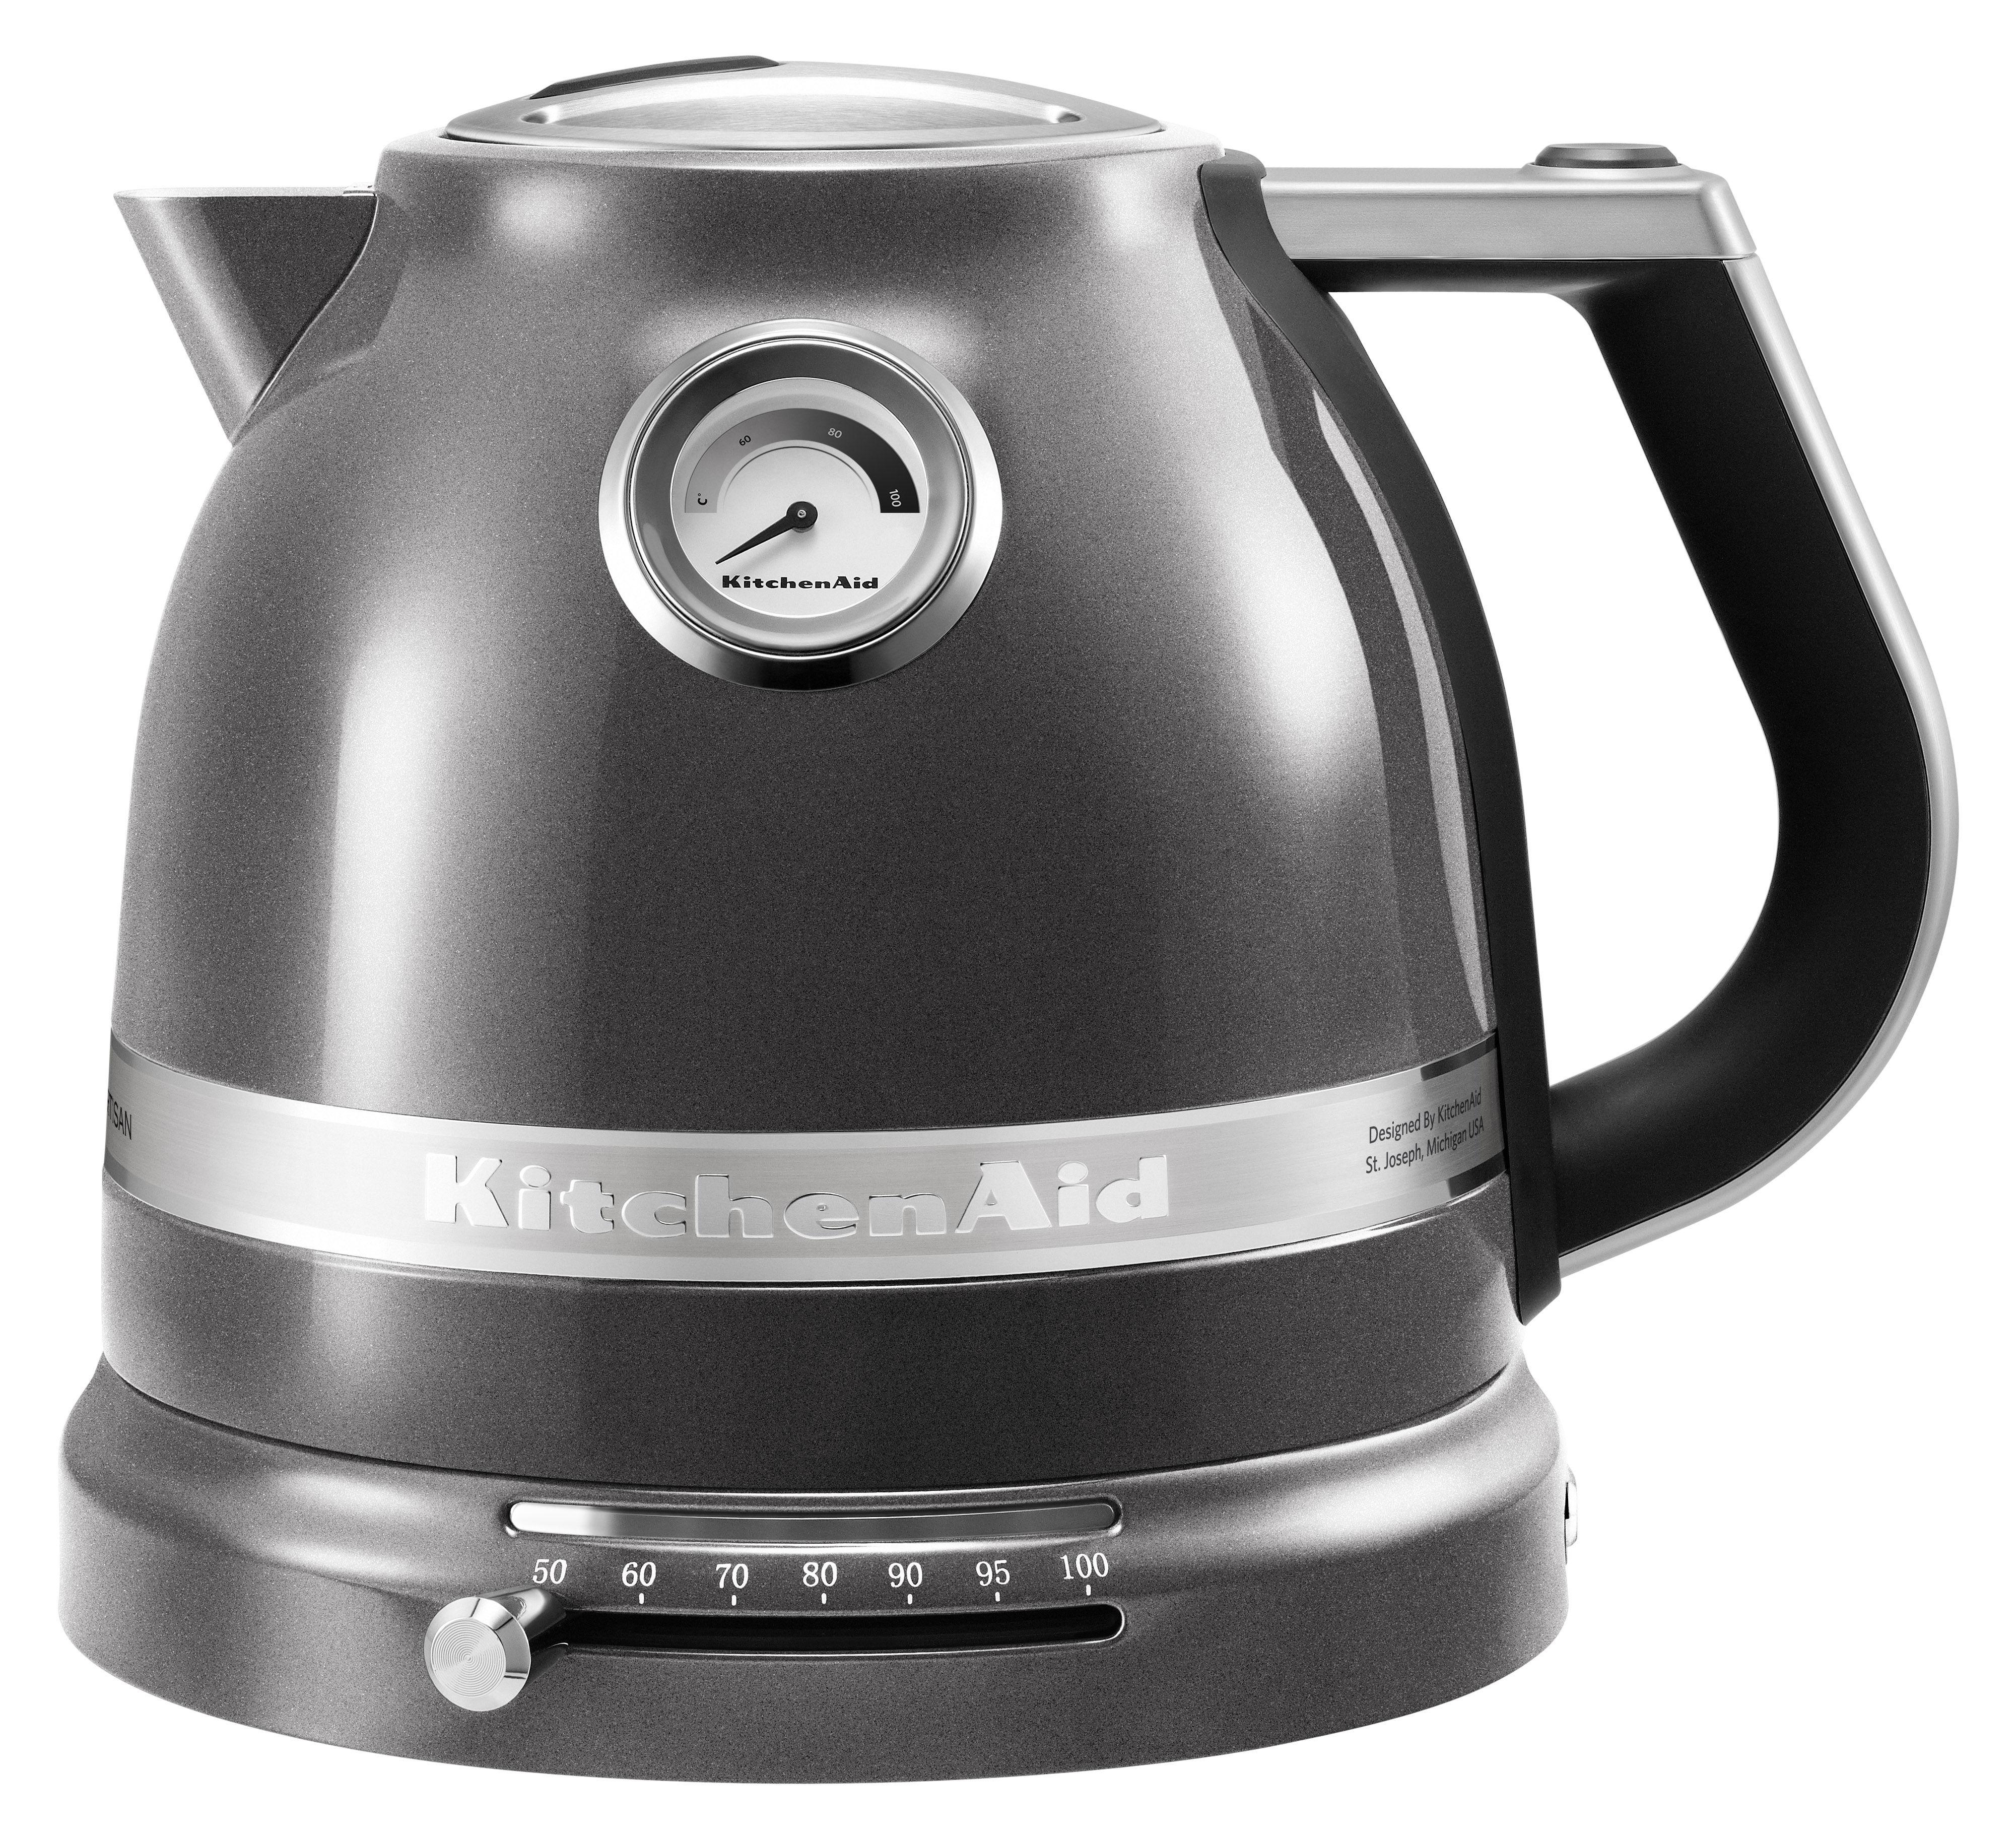 Cuisine - Electroménager - Bouilloire électrique Artisan 1,5 L / Température réglable - KitchenAid - Gris étain - Acier, Aluminium, Plastique